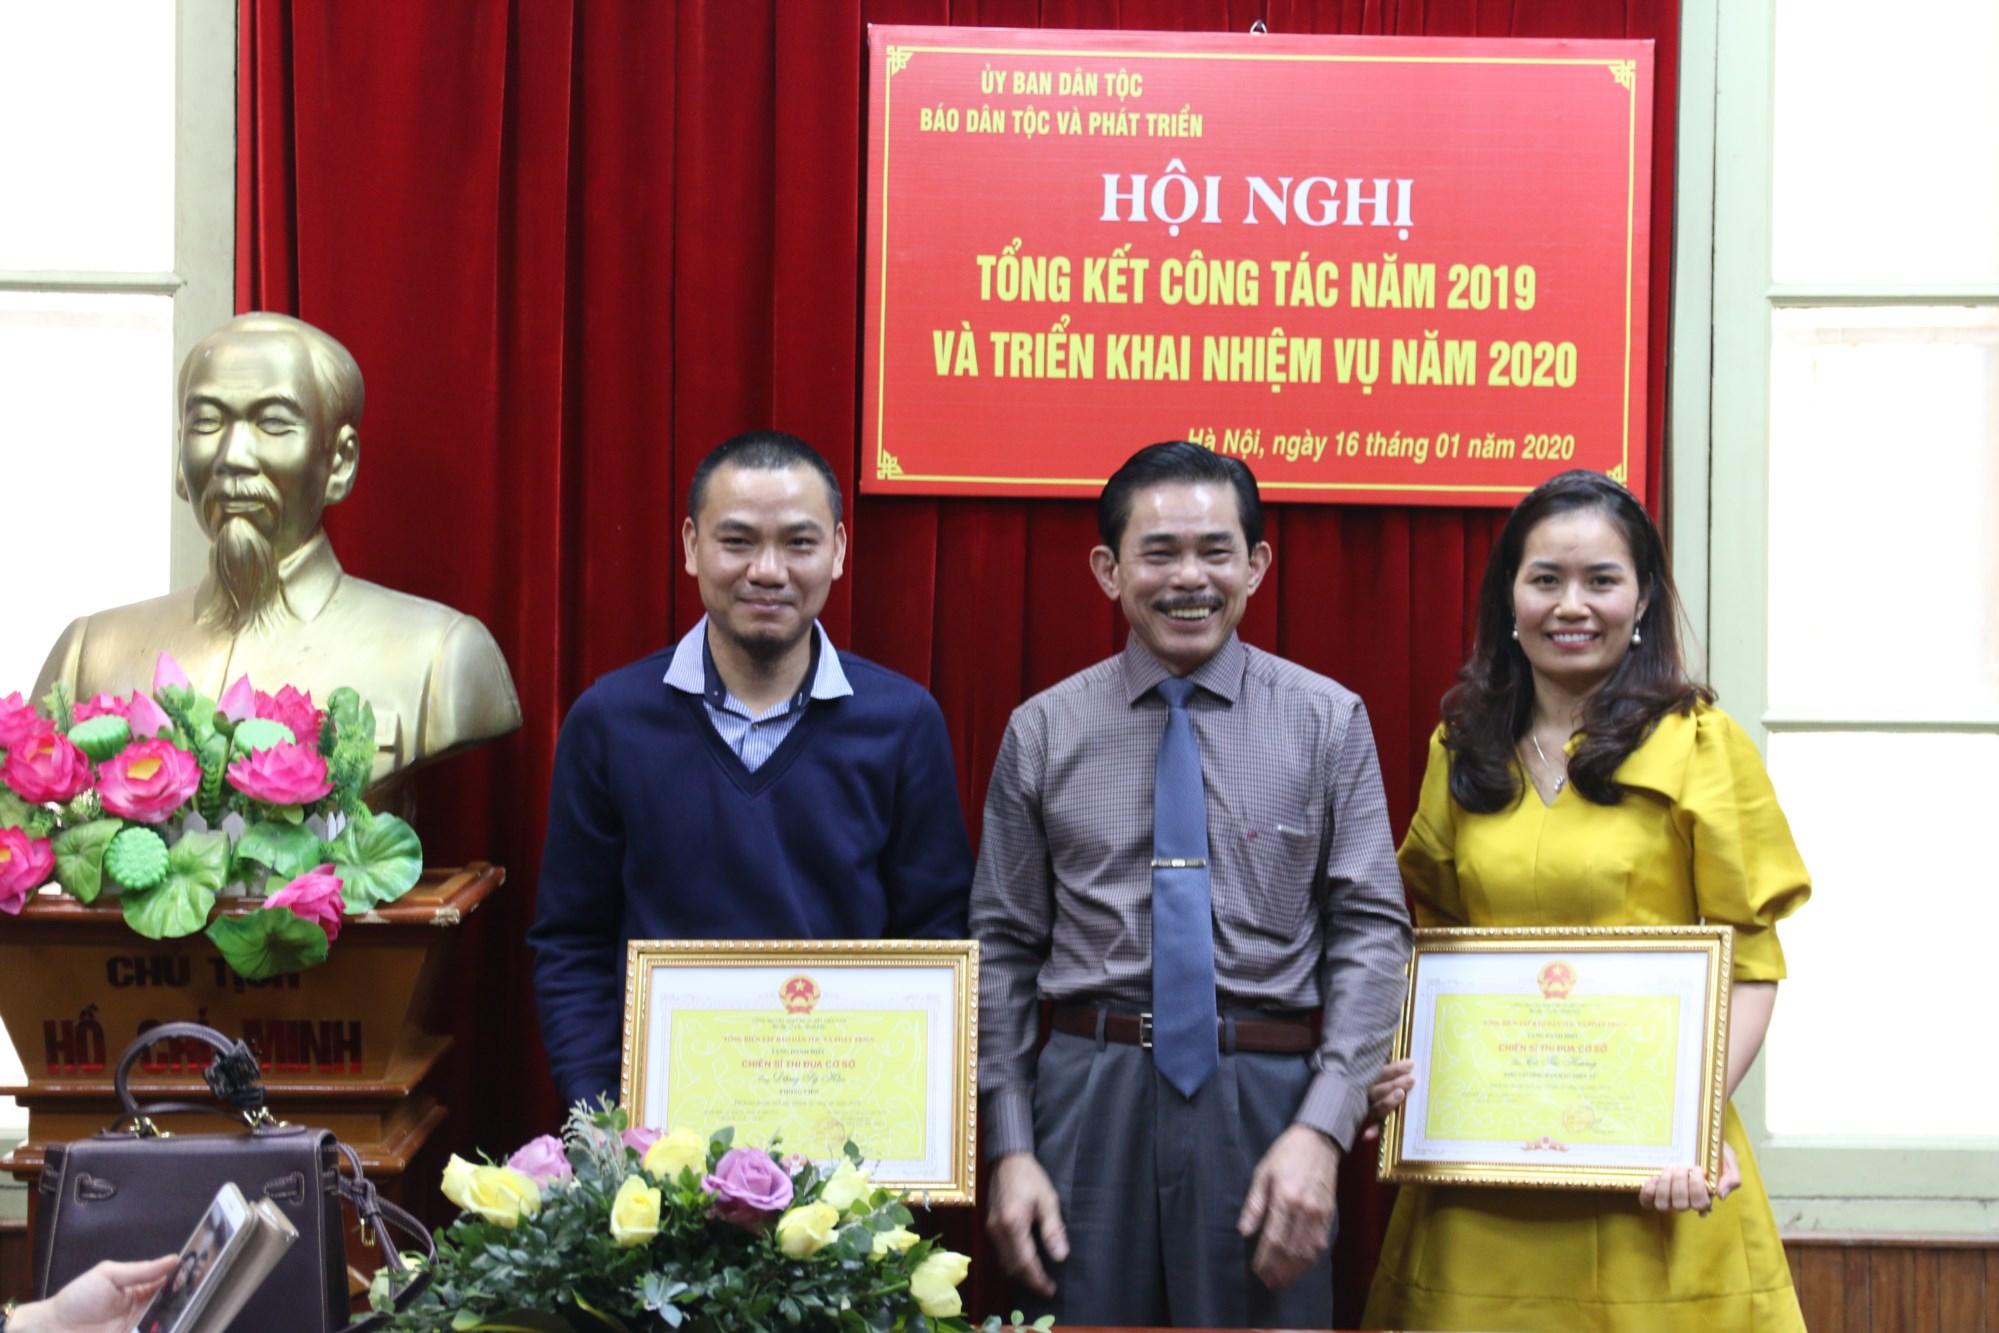 Phó Tổng Biên tập - Phụ trách Lê Công Bình trao tặng danh hiệu chiến sĩ thi đua cấp cơ sở cho 2 cá nhân